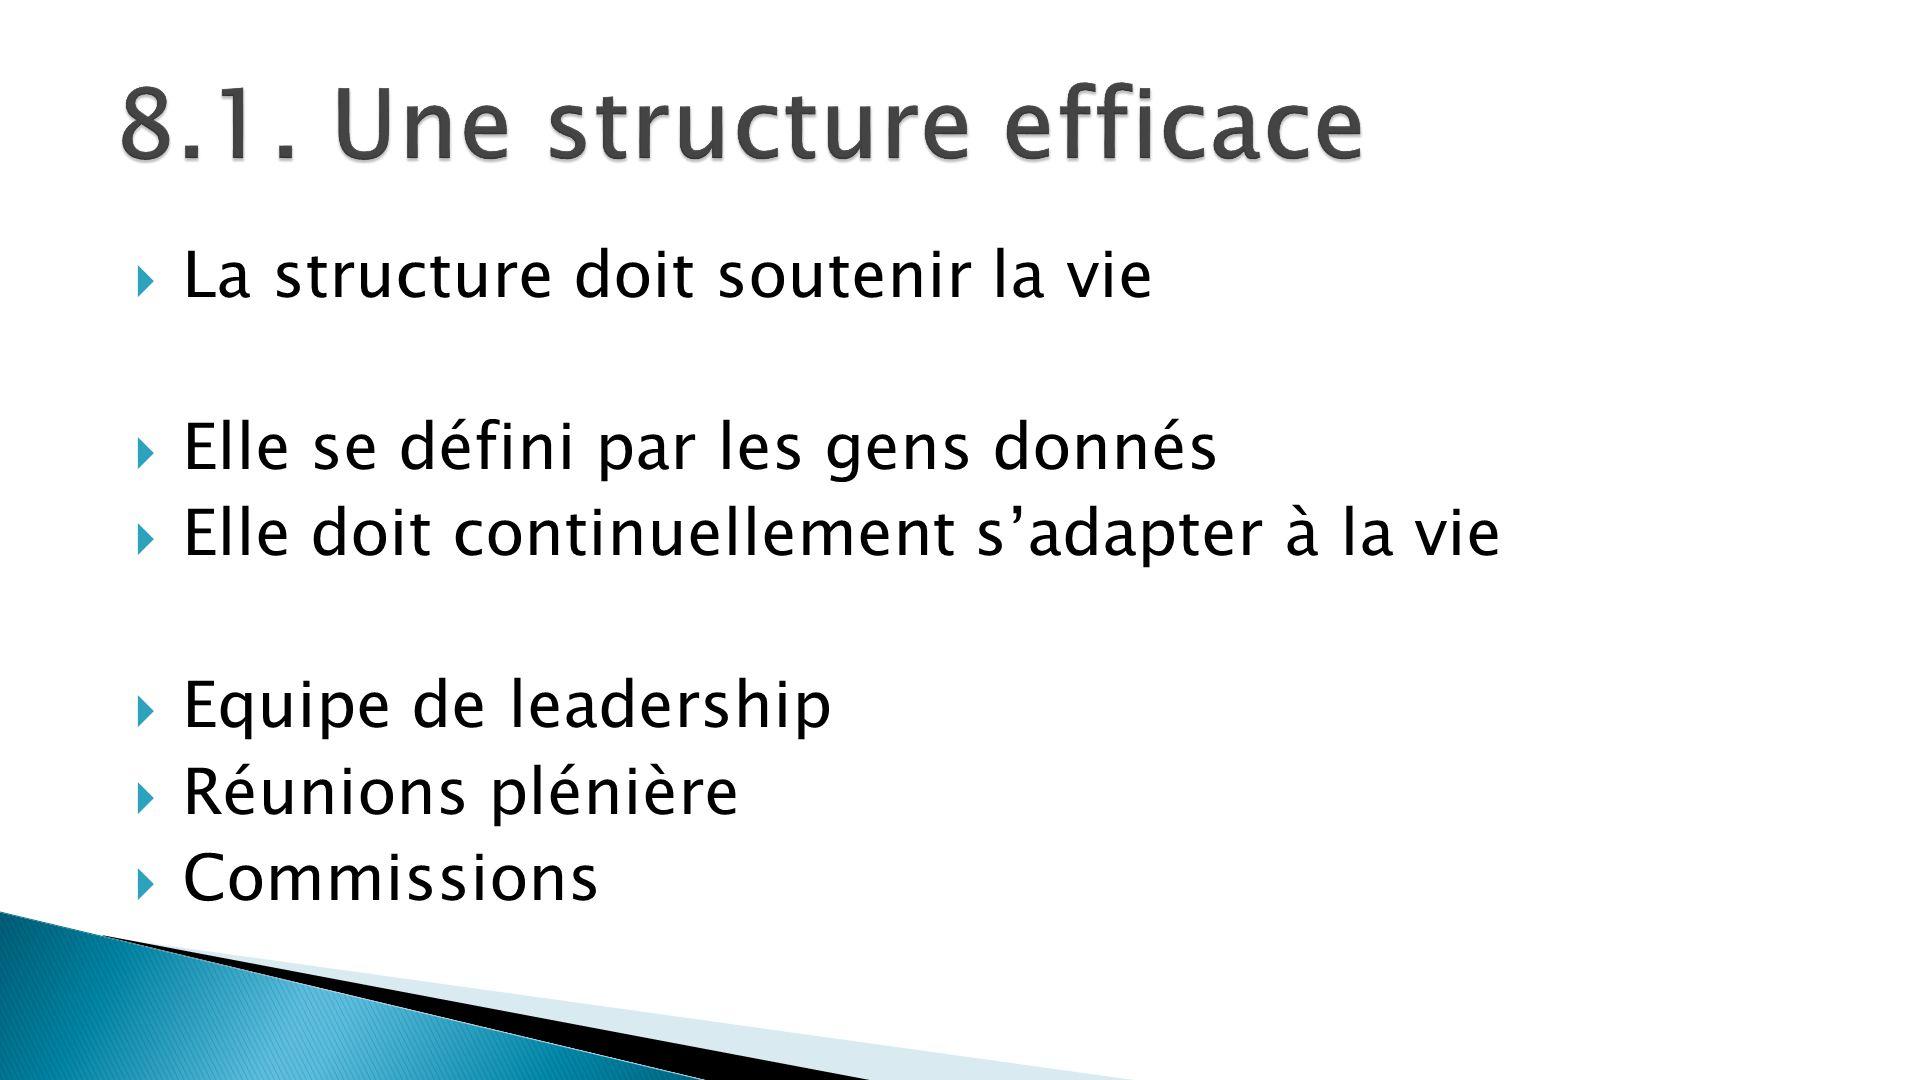 8.1. Une structure efficace